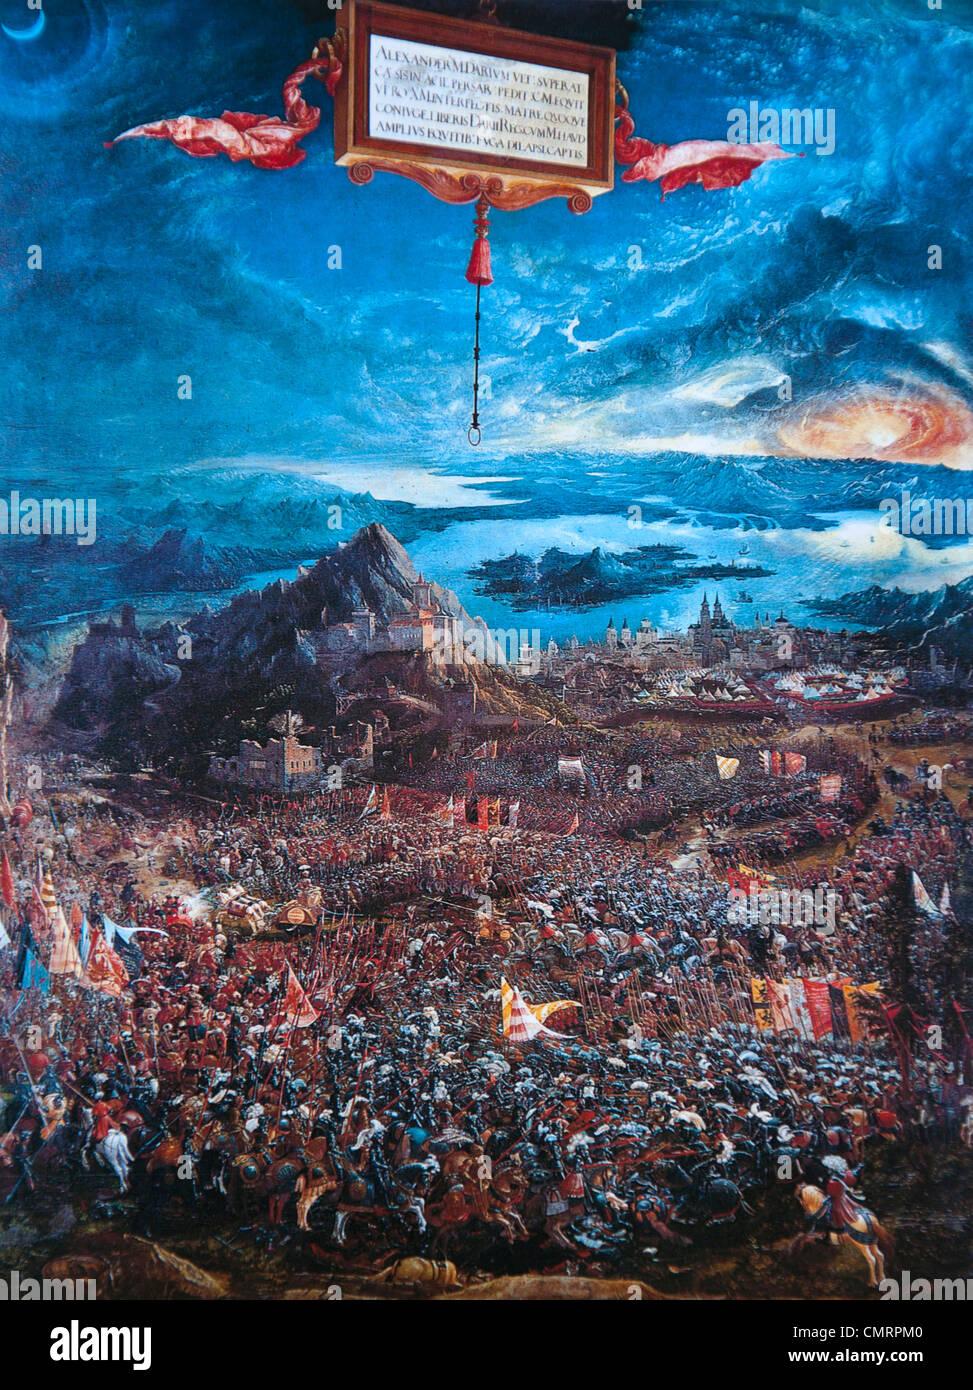 Albrecht Altdorfer: Die Schlacht von Alexander bei Issos, 1529 (Alexanders Sieg) Stockbild